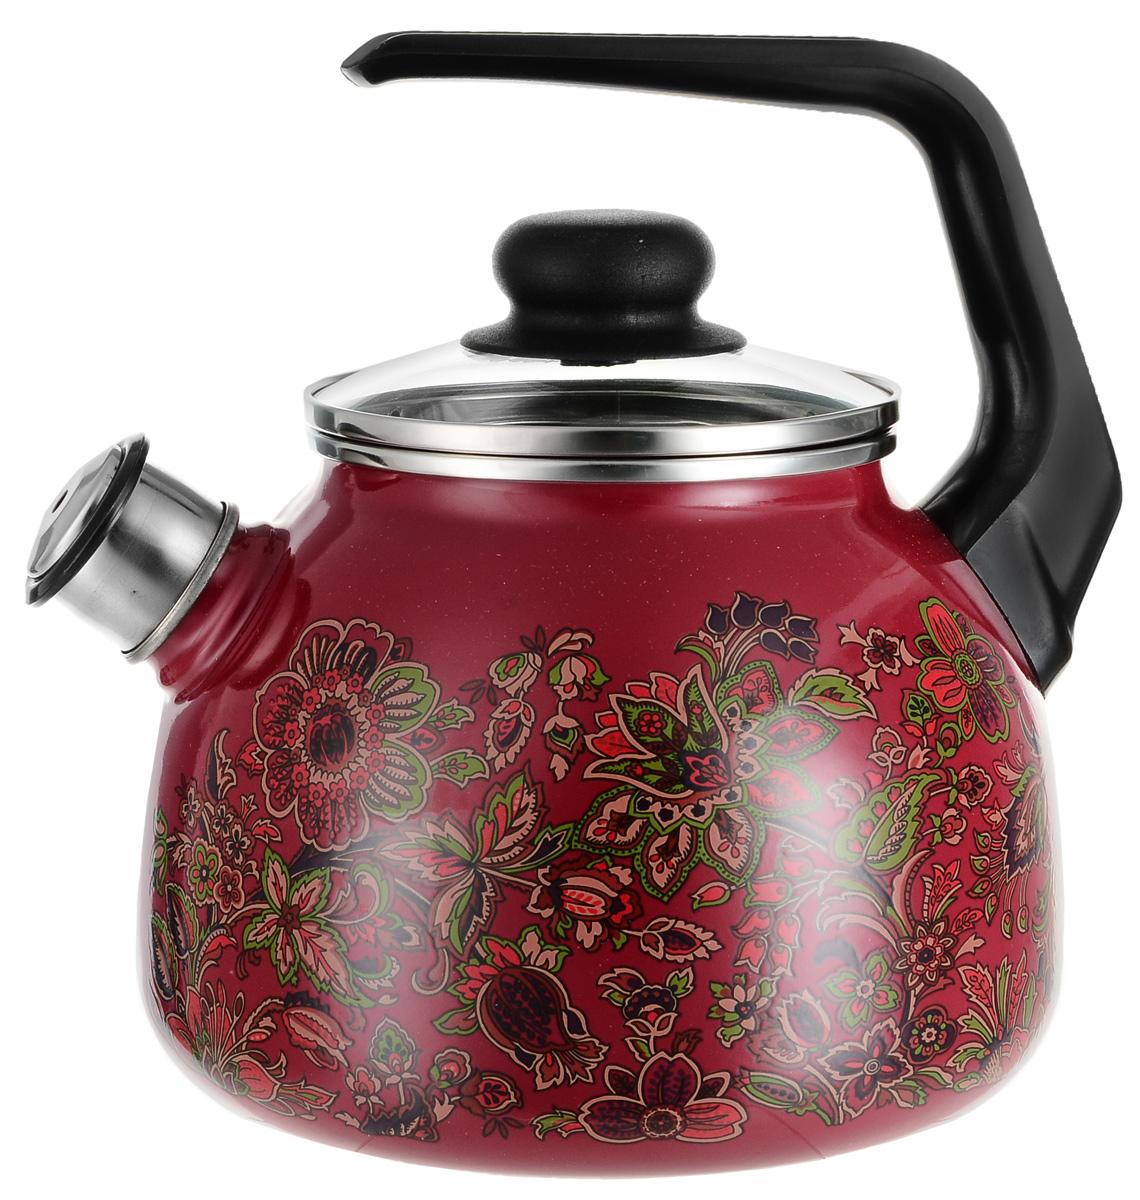 Чайник эмалированный Vitross Imperio, со свистком, цвет: вишневый, 3 л чайник эмалированный vitross fruits со свистком 2 л